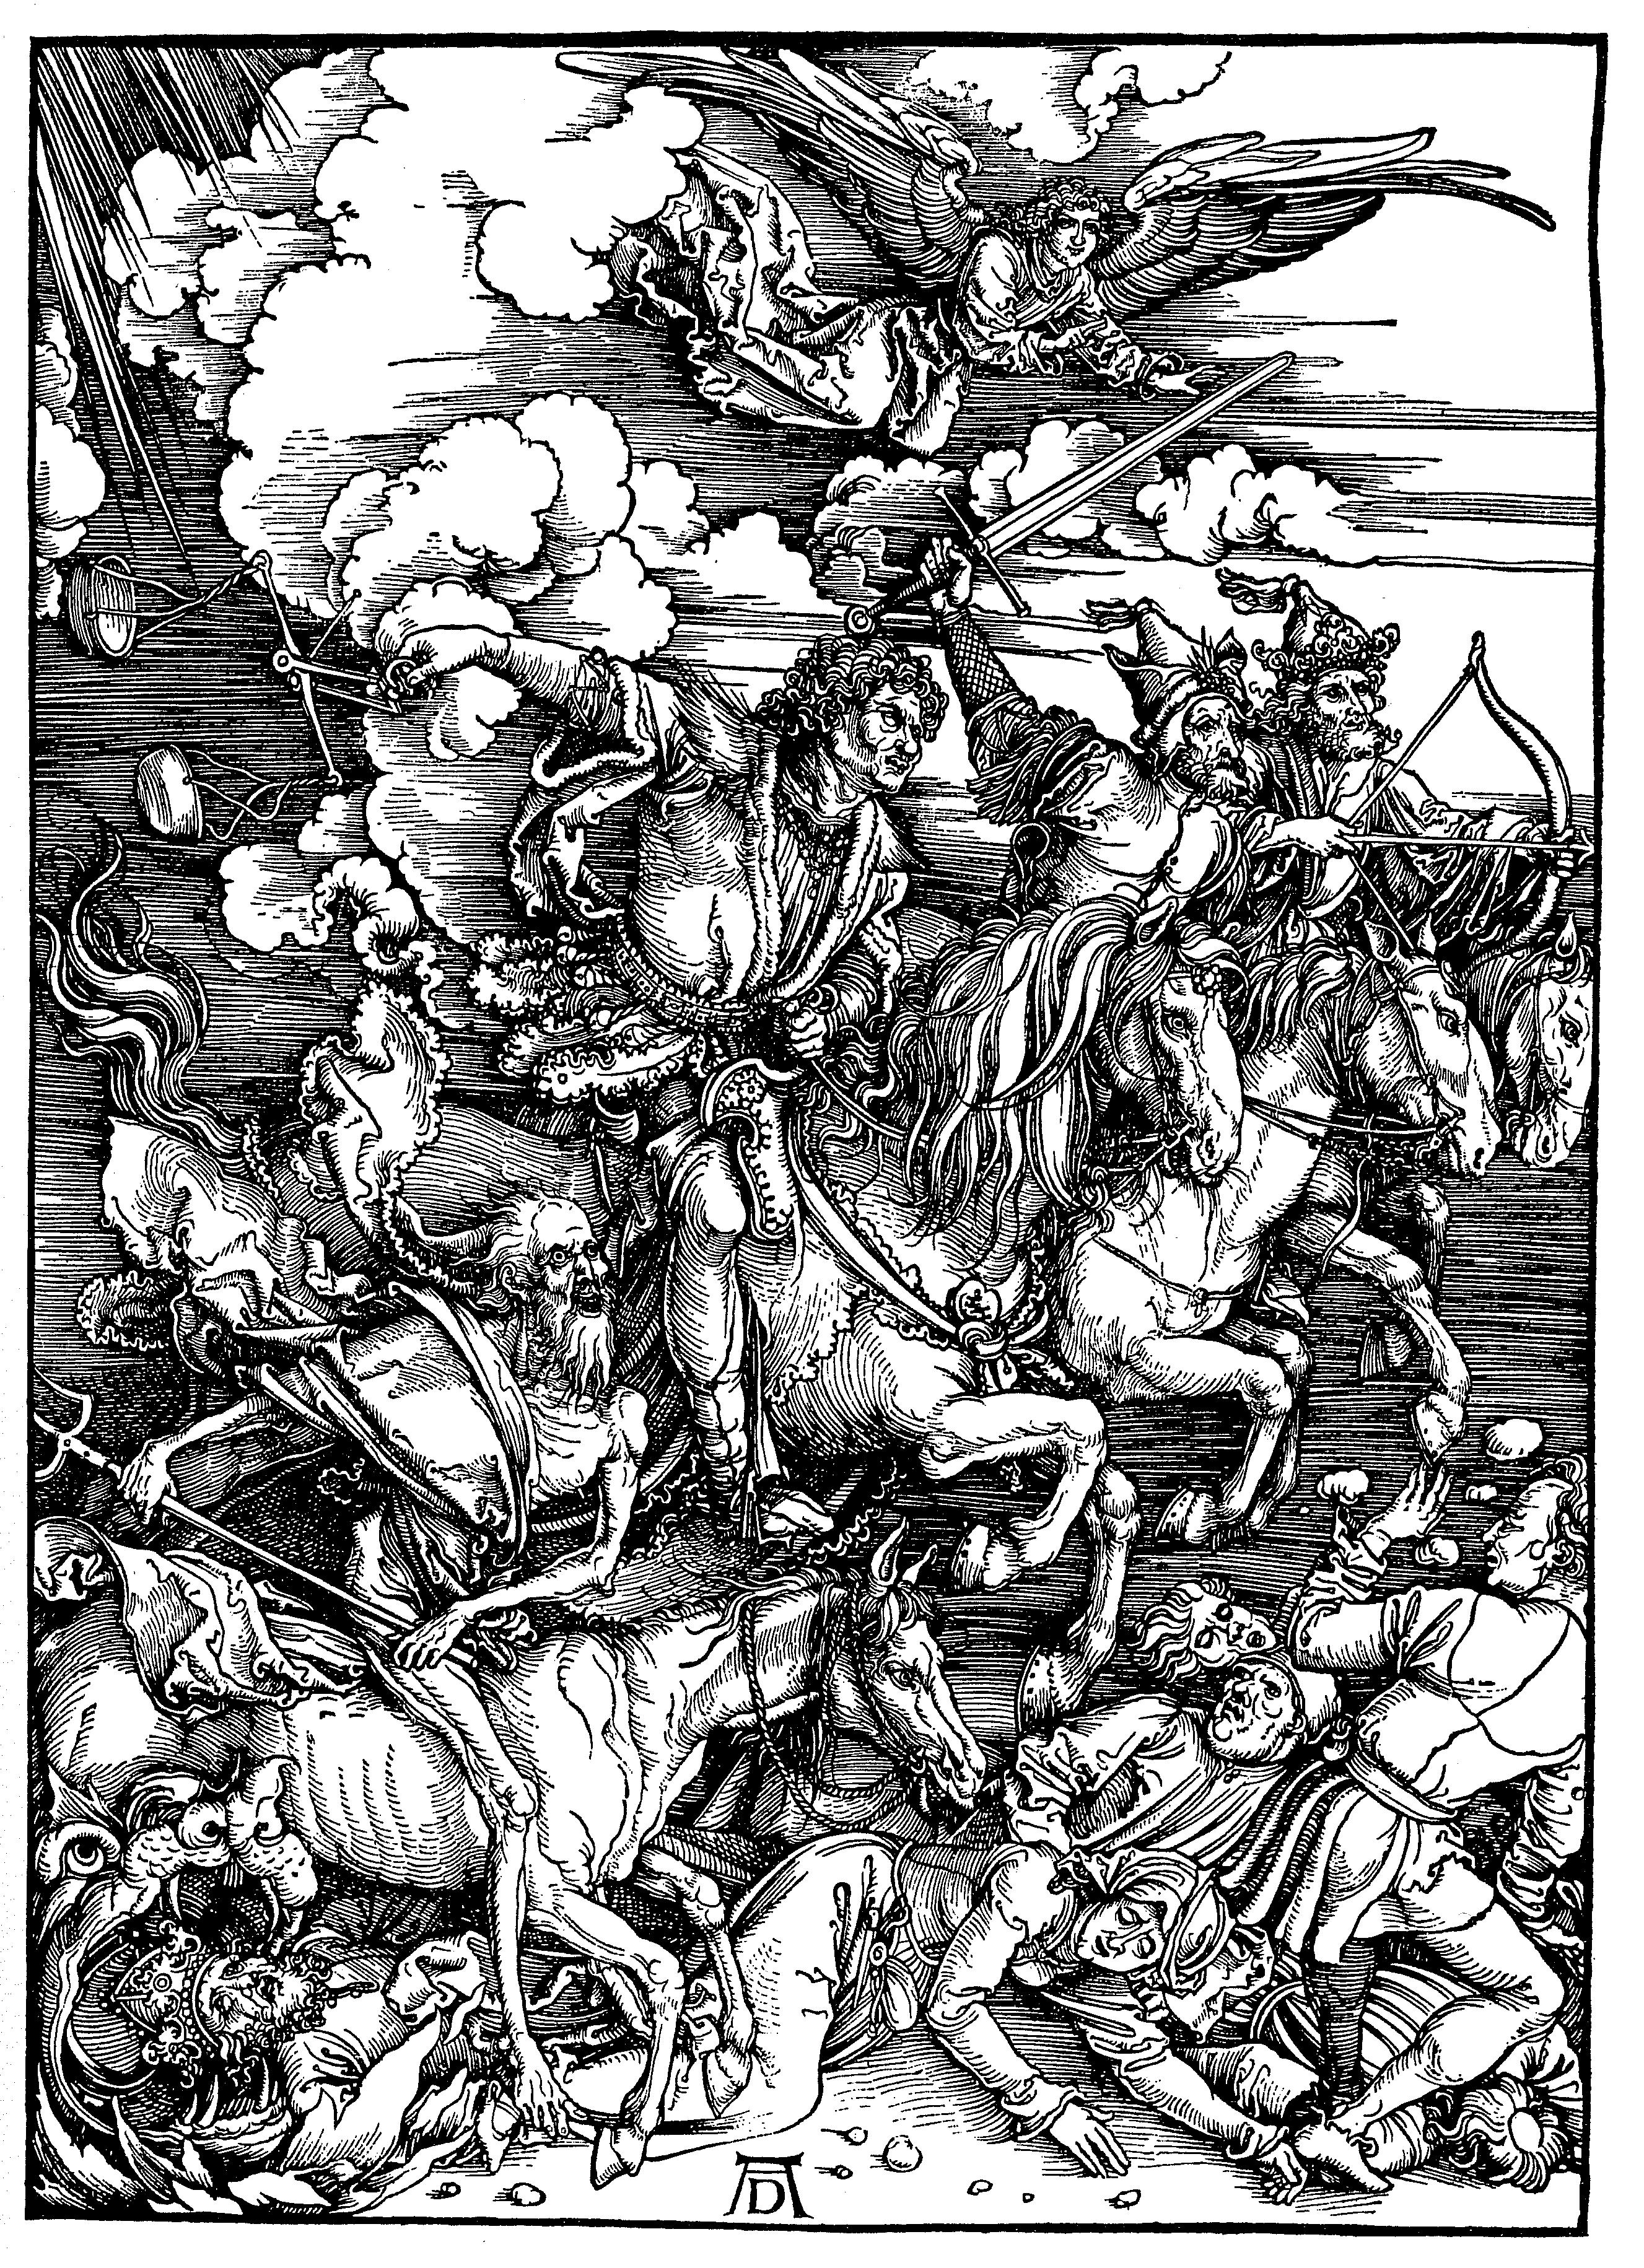 """Gravura de Albert Dürer, """"Quatro cavaleiros do Apocalipse""""."""